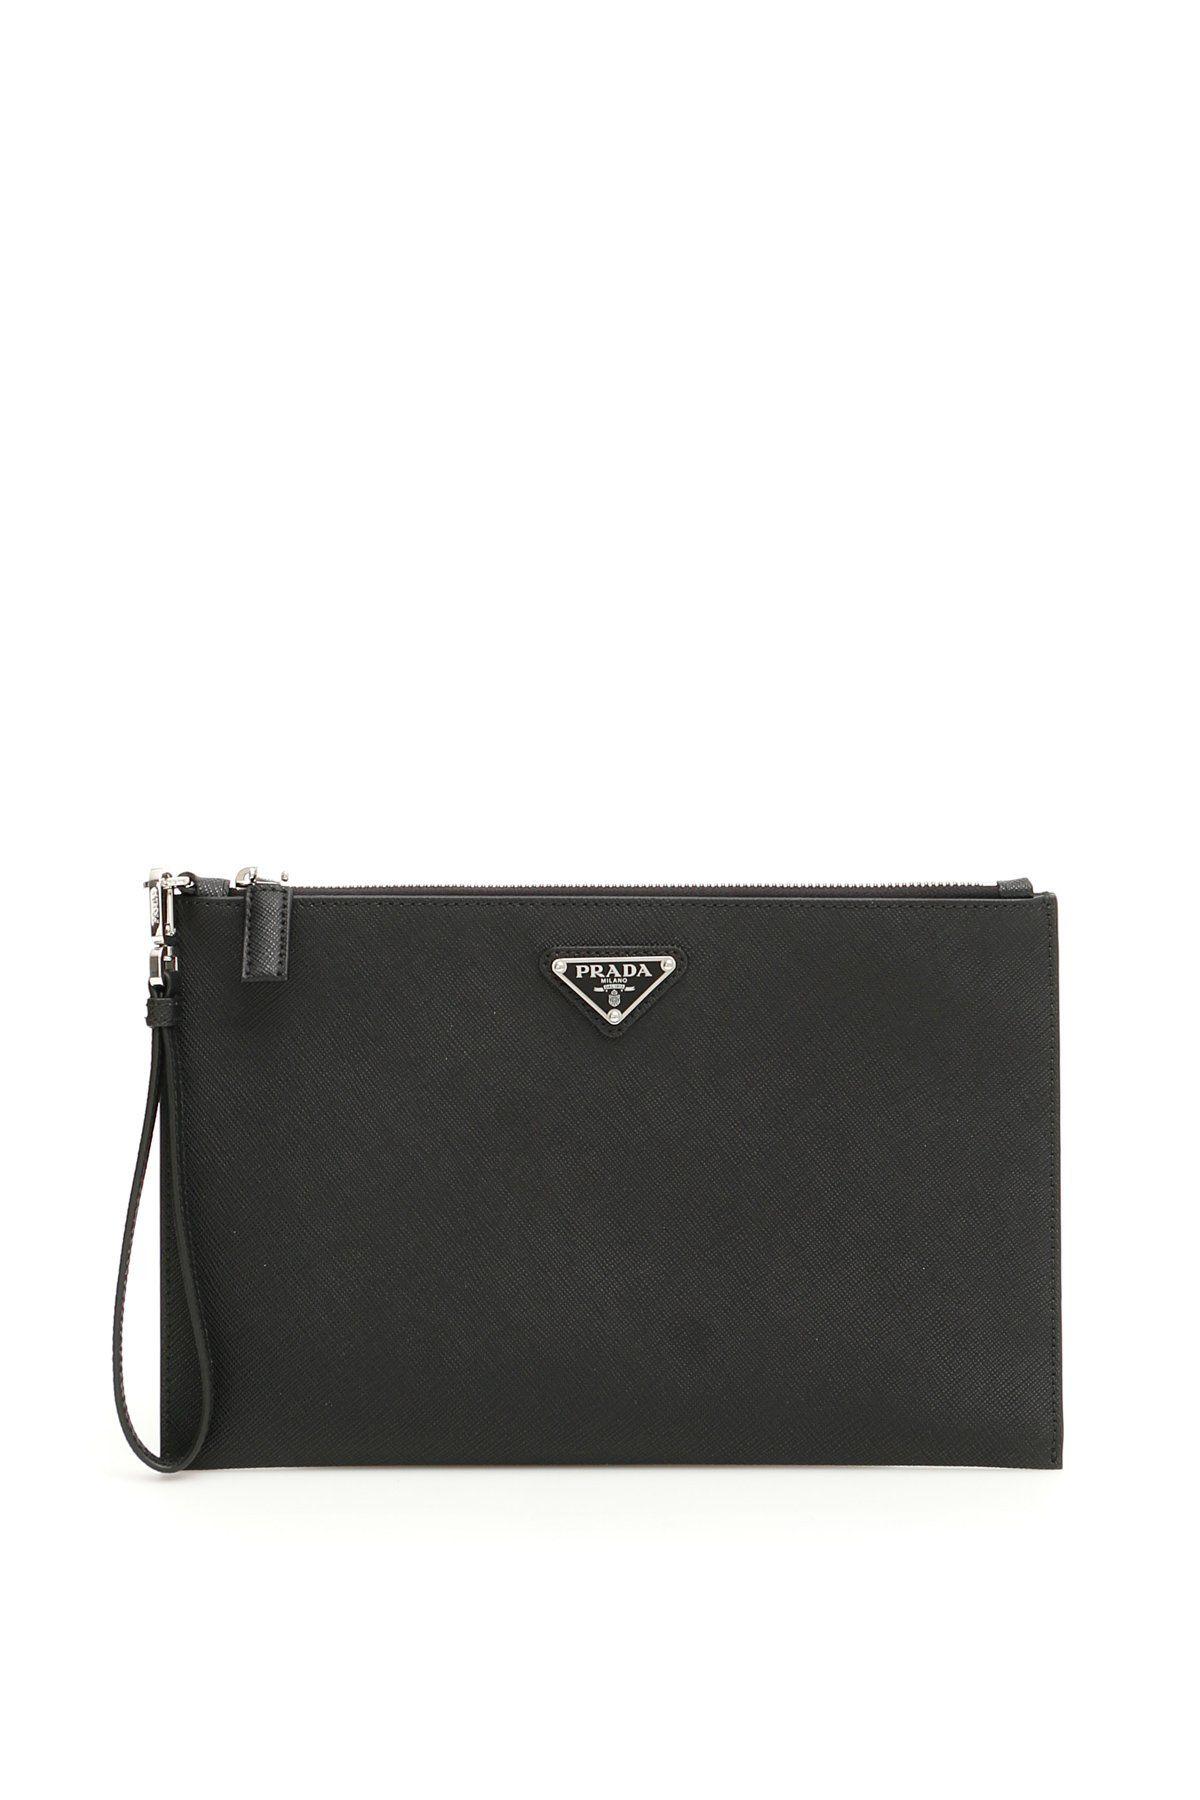 3eb4cd38a55b PRADA PRADA LOGO PLAQUE ZIP CLUTCH BAG. #prada #bags #leather #clutch #hand  bags